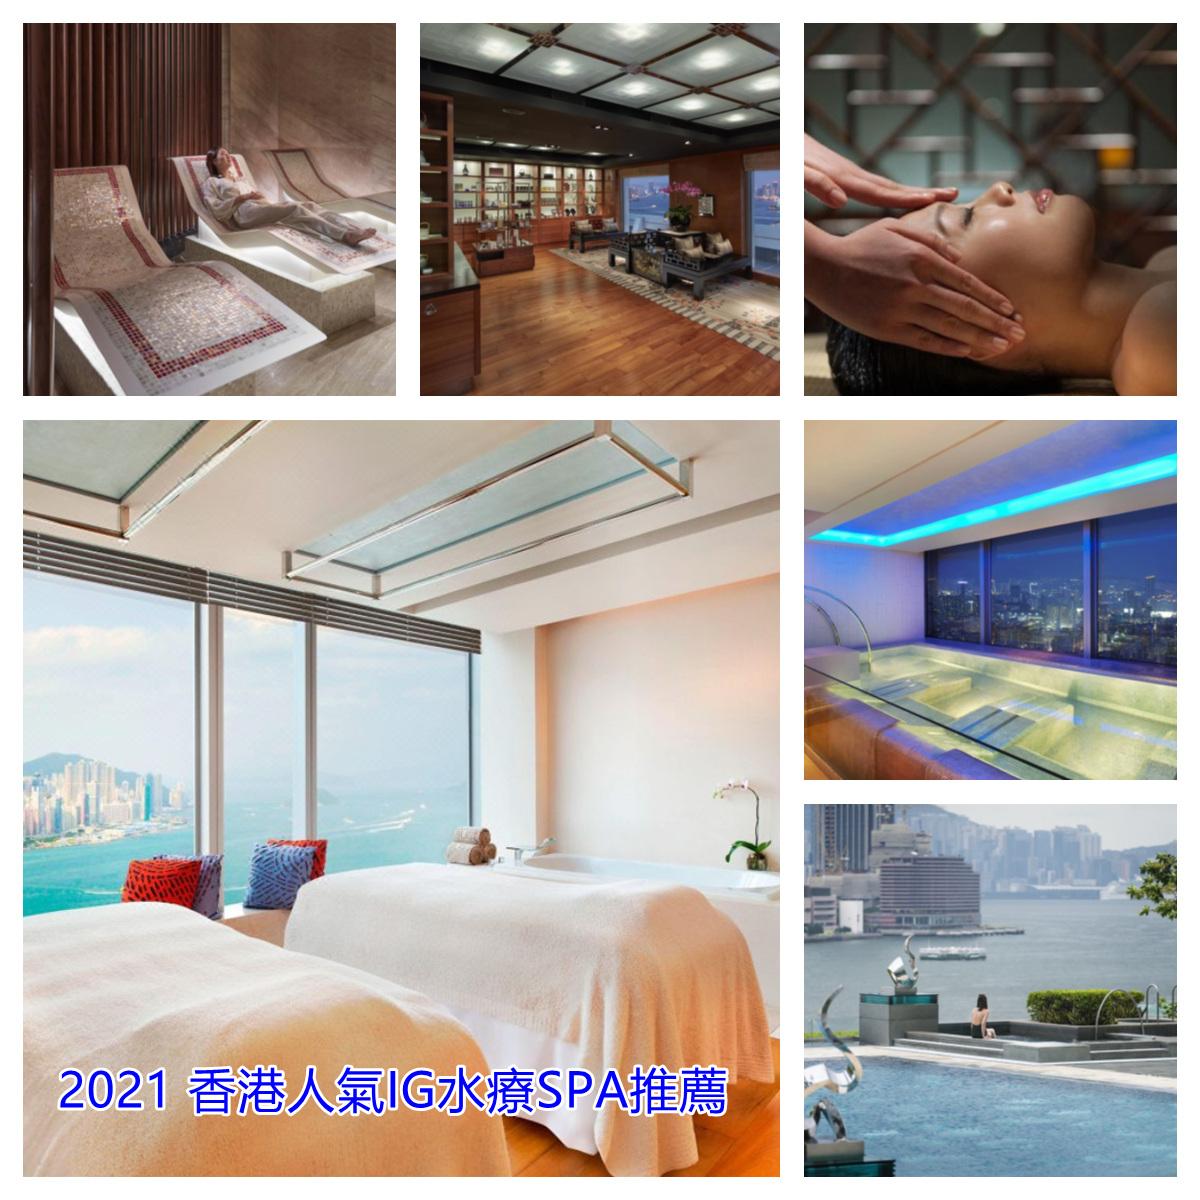 【香港好去處】精選香港6間以上必住飯店總整理